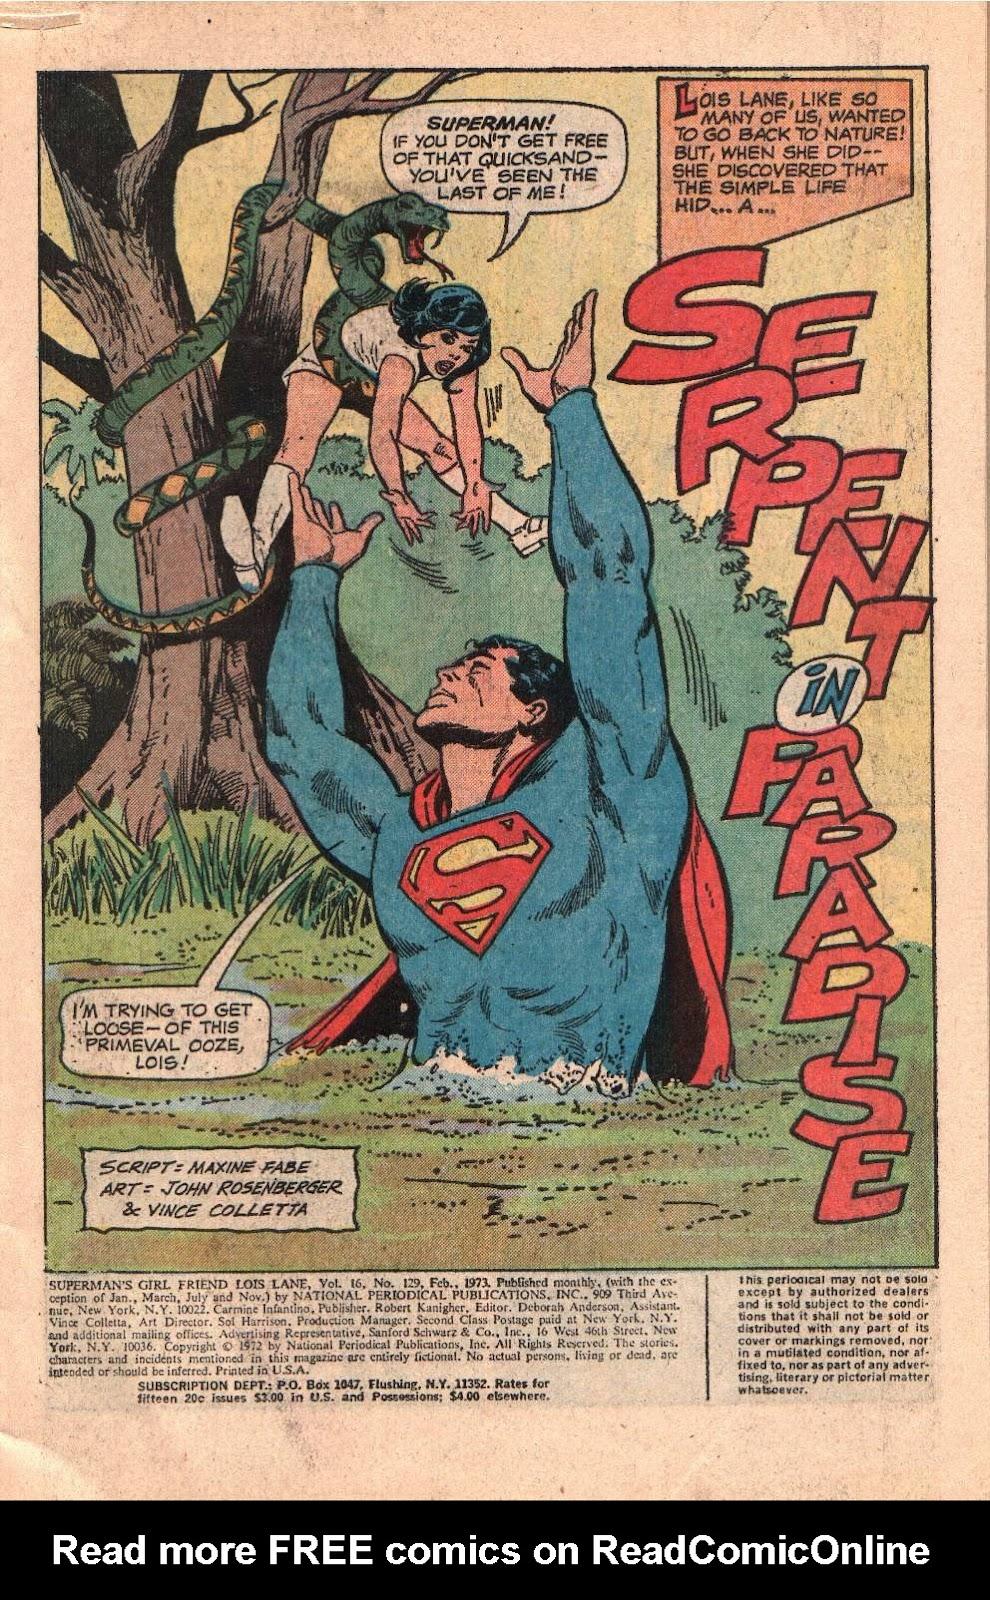 Supermans Girl Friend, Lois Lane 129 Page 3